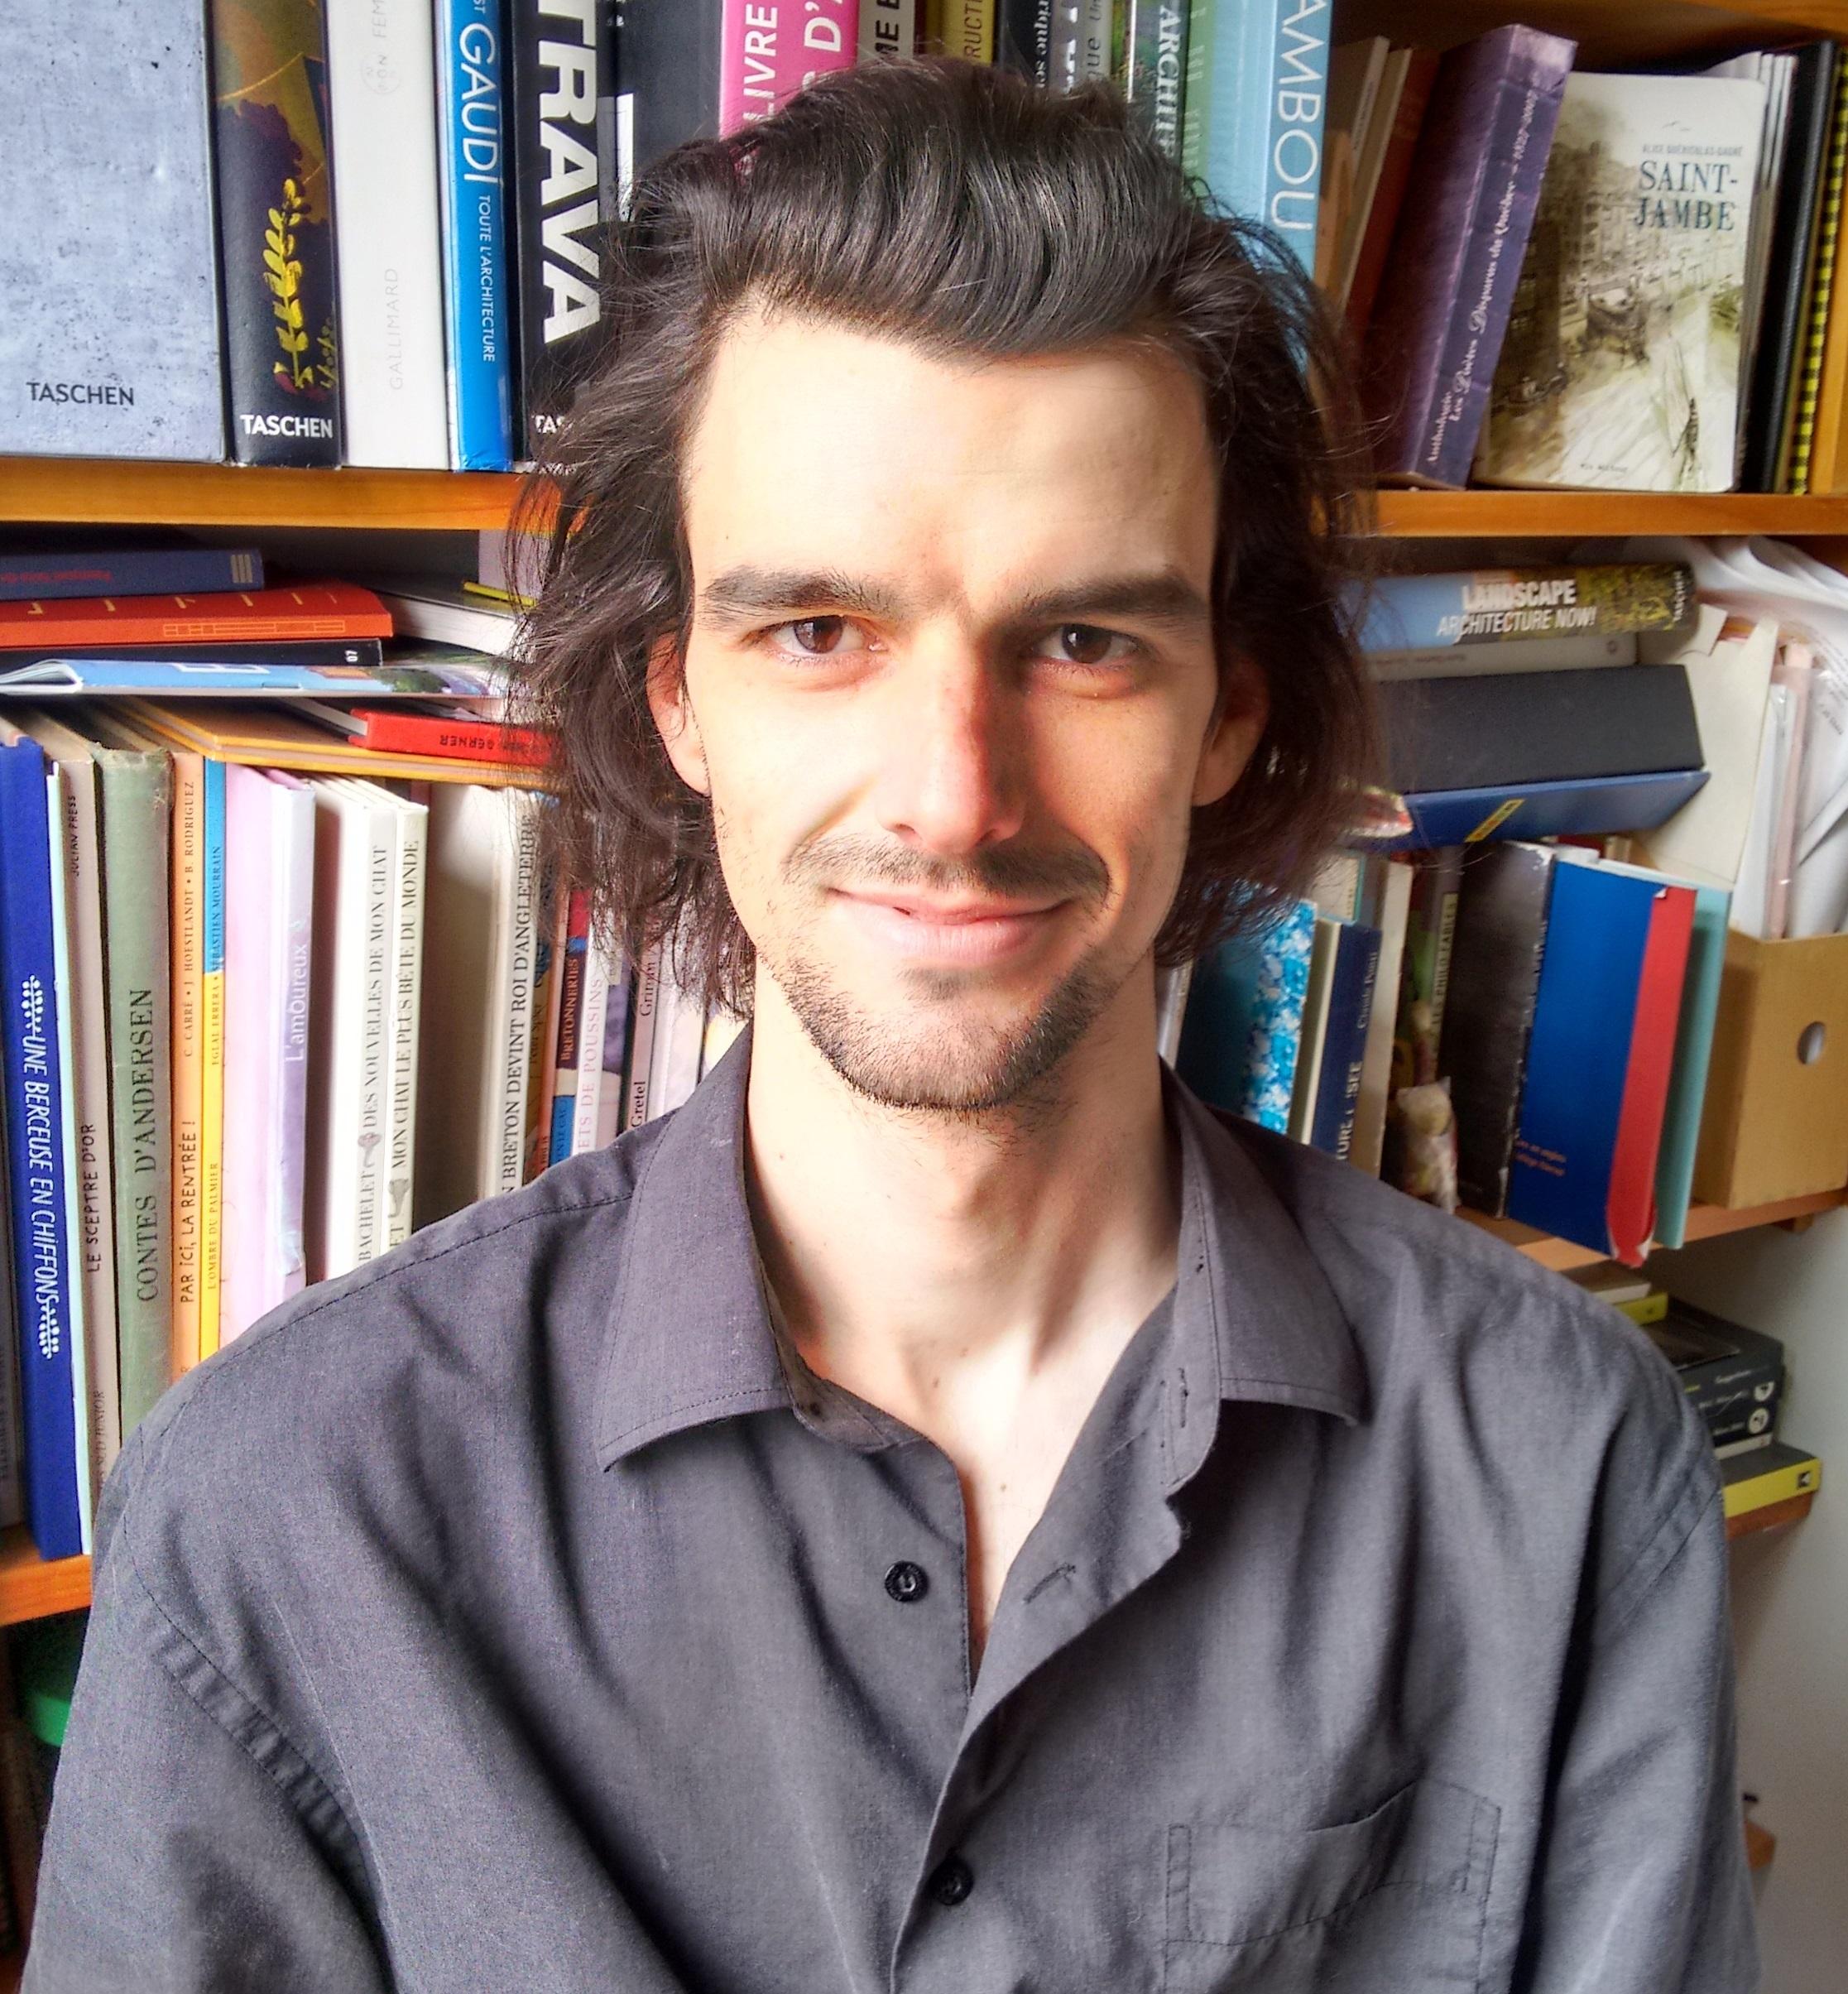 Simon-Olivier Gagnon